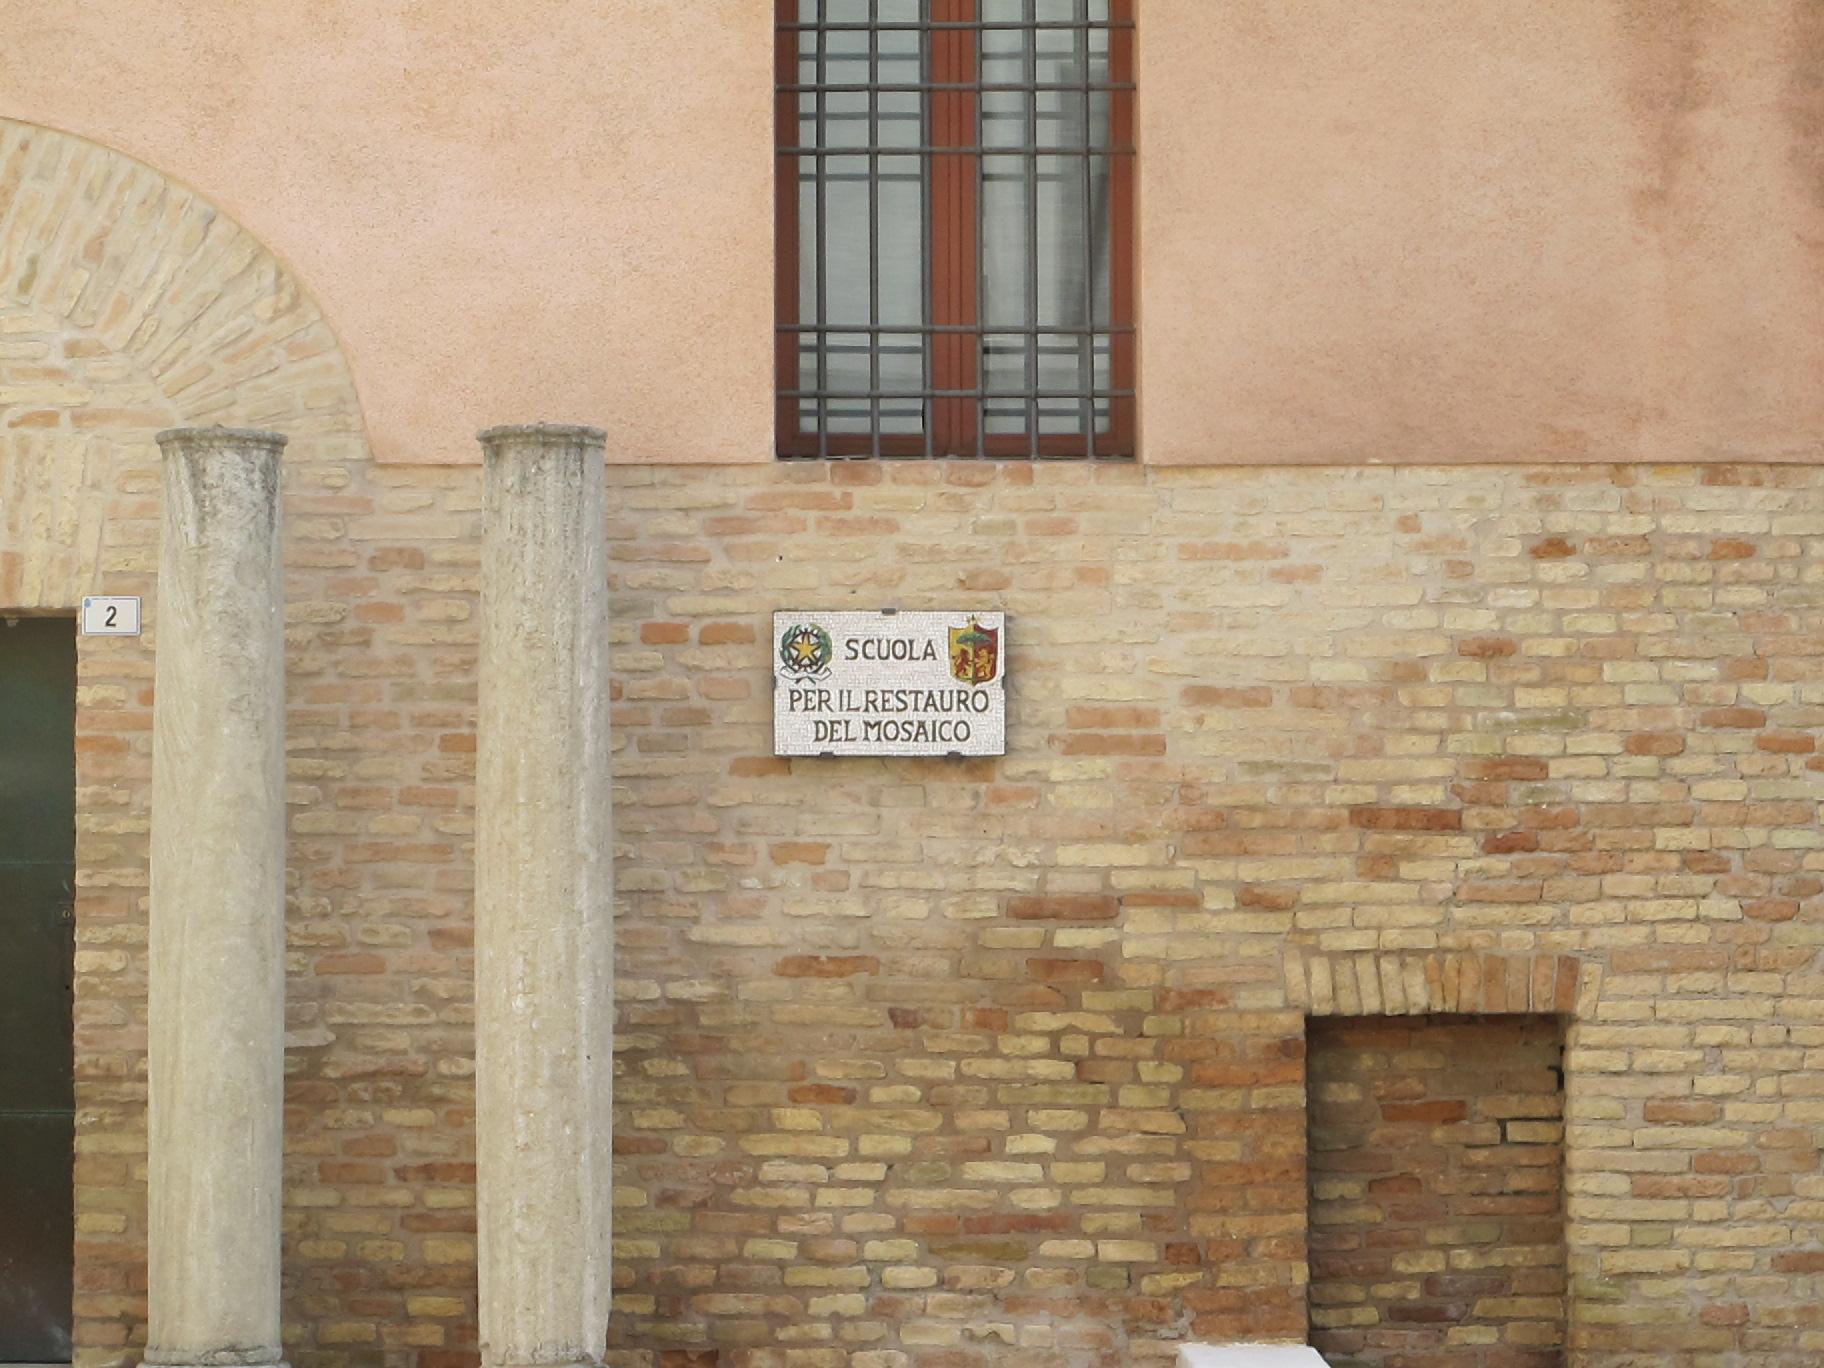 Одна из изветных школ реставрации мозайки